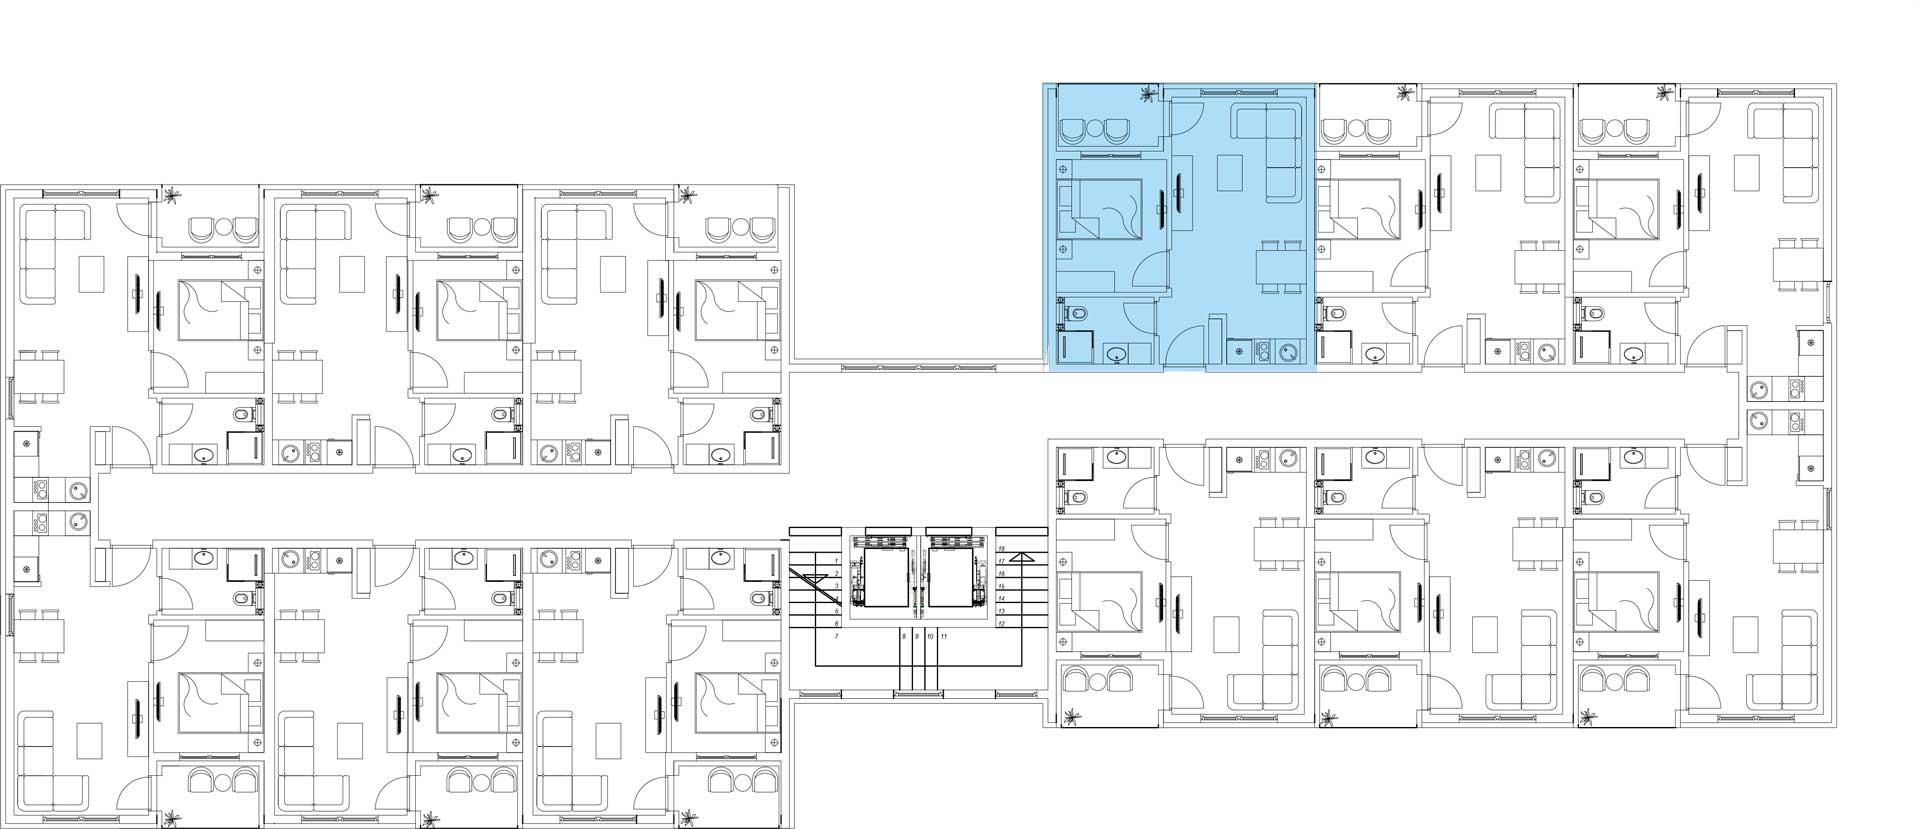 Orjentacija-stambenih-jedinica--24,-36,-48,-60,-72,-84,-96